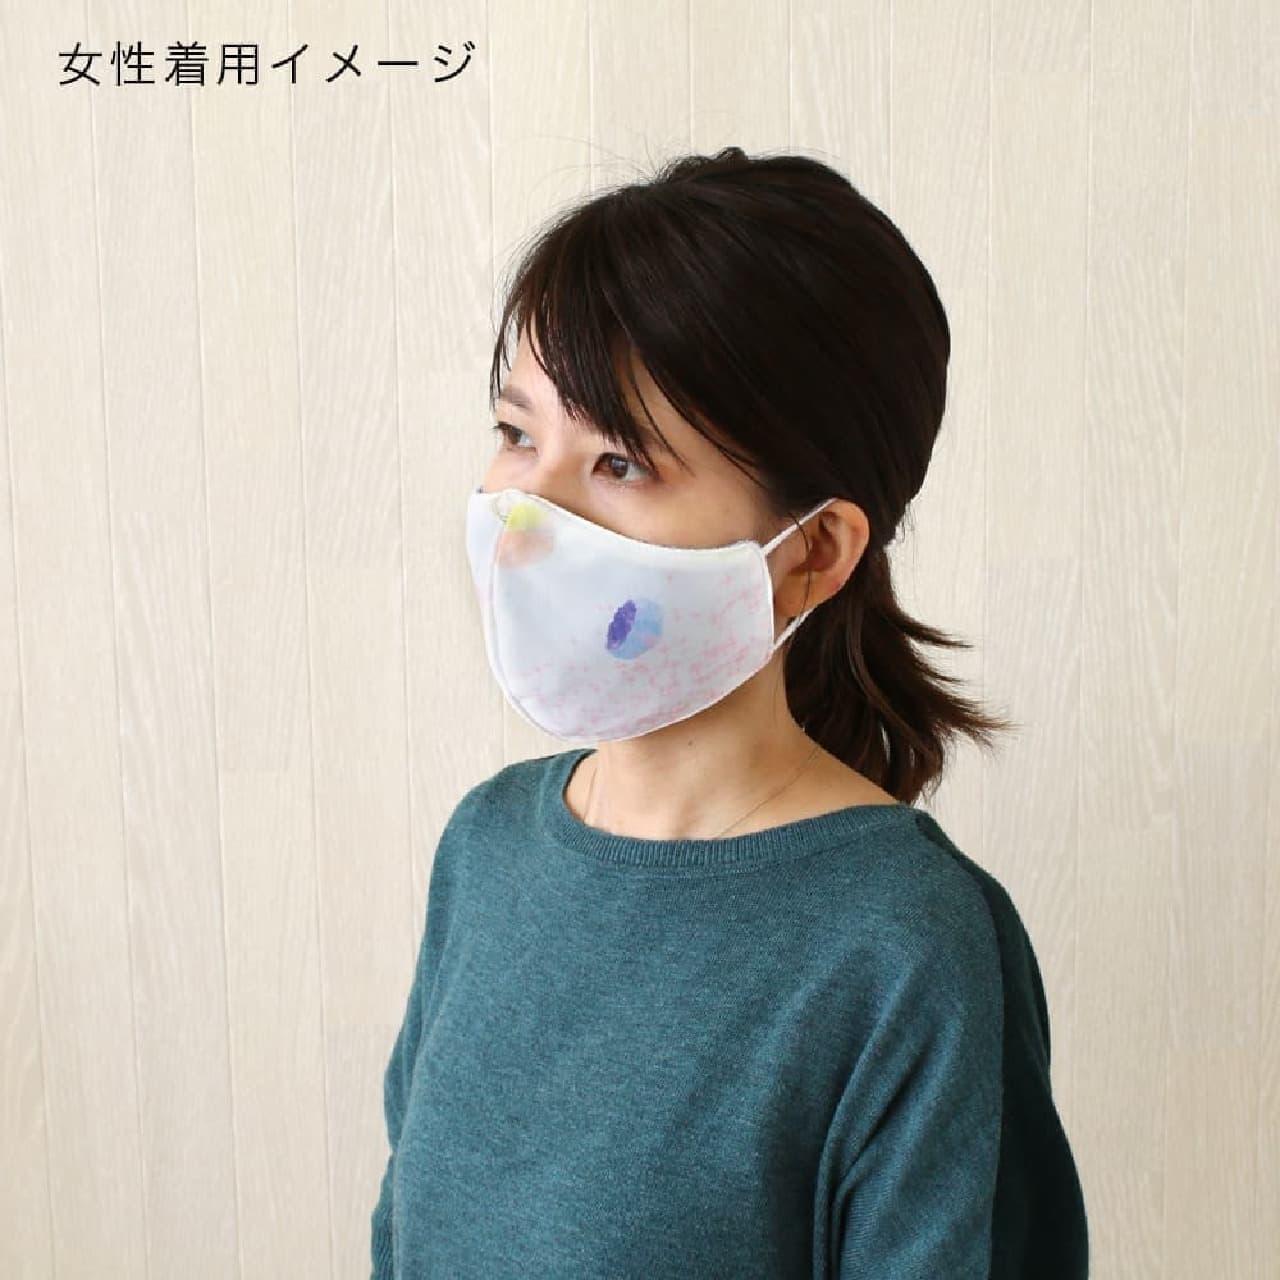 ひんやりして通気性が良い「冷感オリジナルマスク」 -- 可愛いペンギンやシロクマ柄も